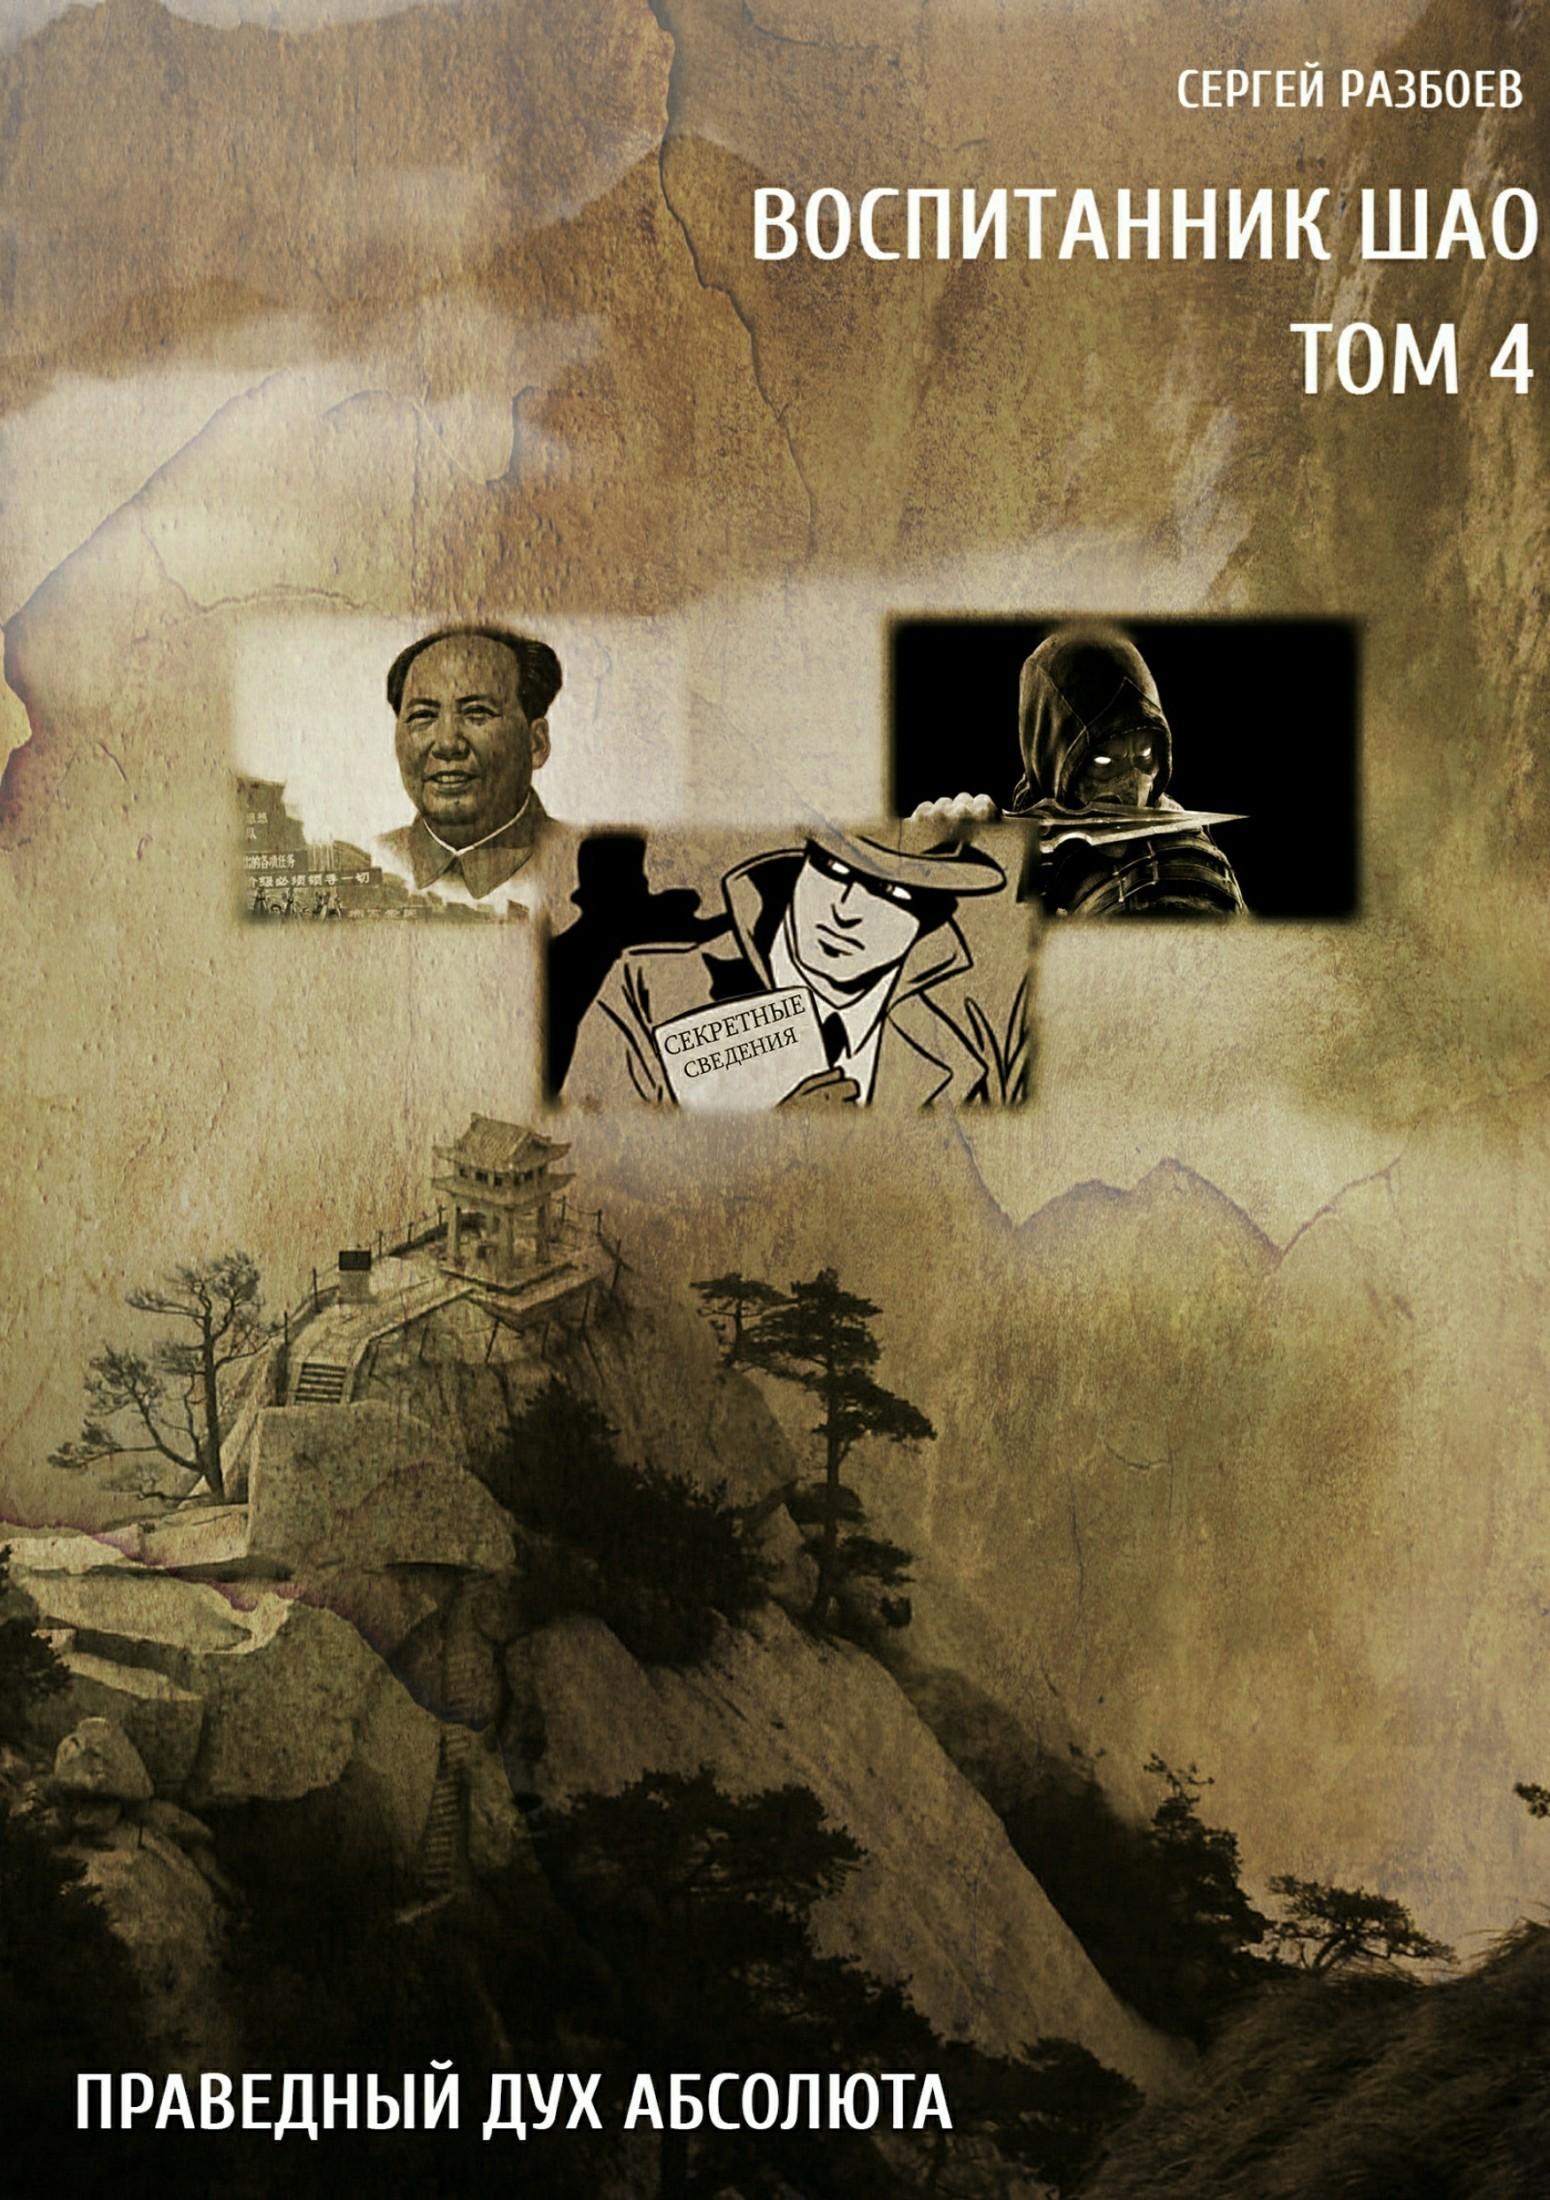 Сергей Александрович Разбоев Воспитанник Шао. Том 4. Праведный Дух Абсолюта мао цзэдун великий кормчий мао цзэдун не бояться трудностей не бояться смерти афоризмы цитаты высказывания